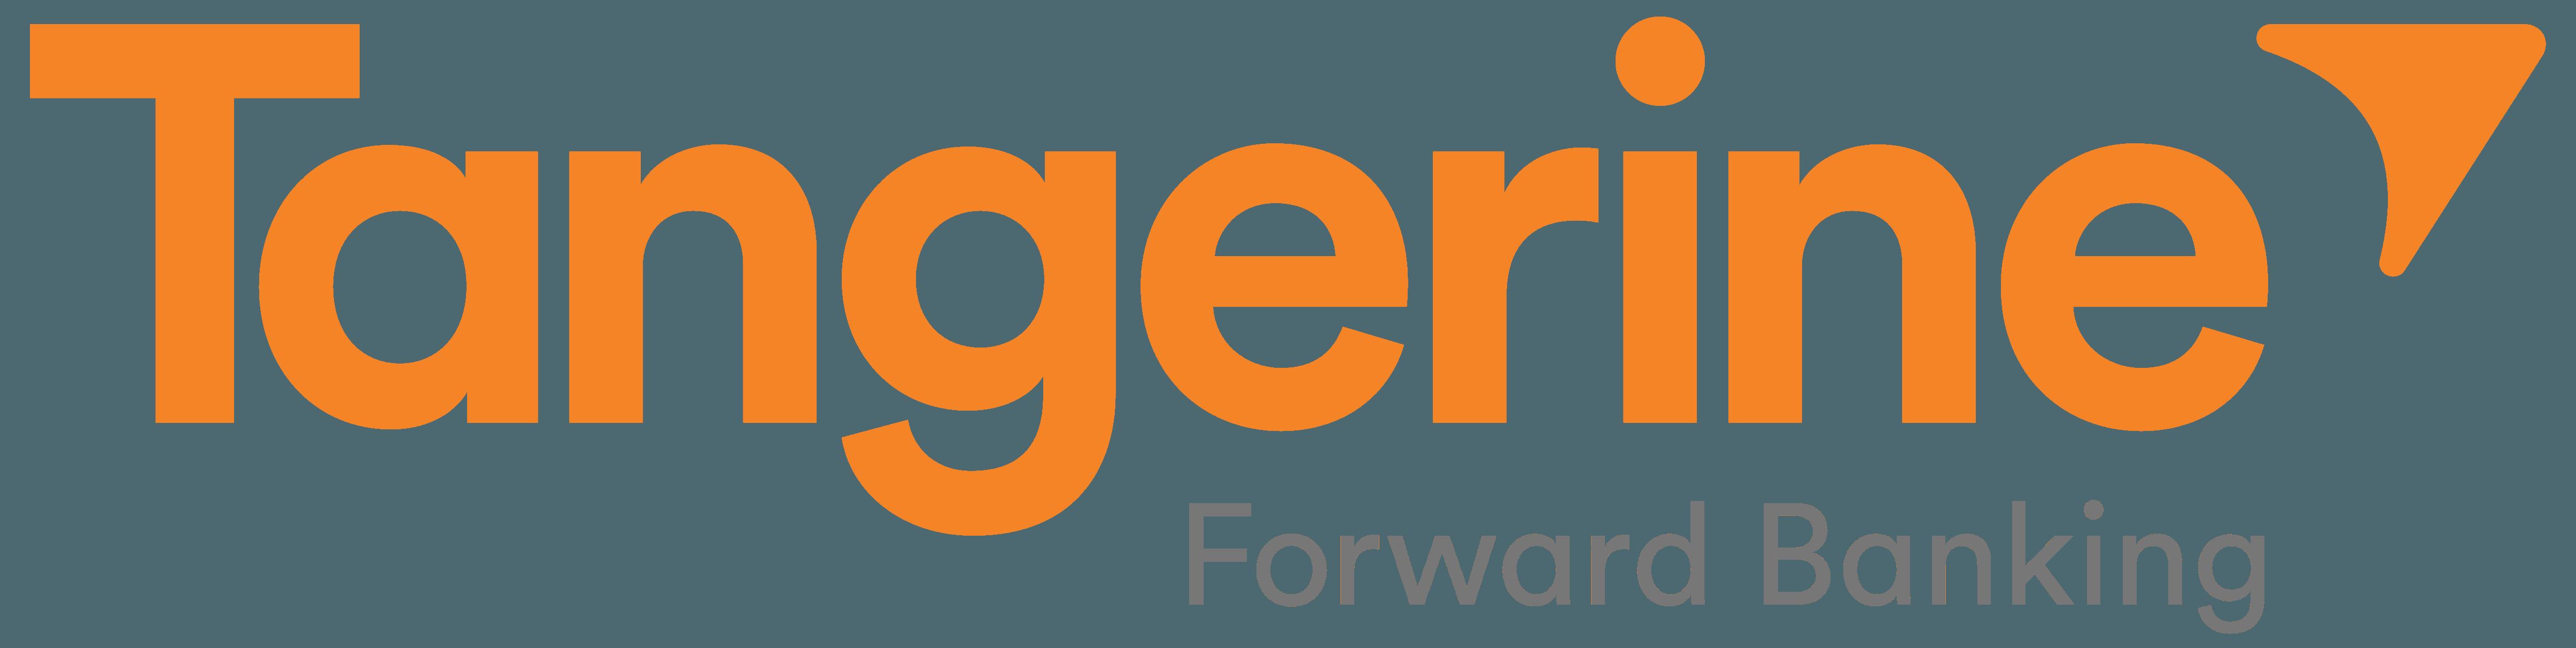 Tangerine_Bank_logo_logotype